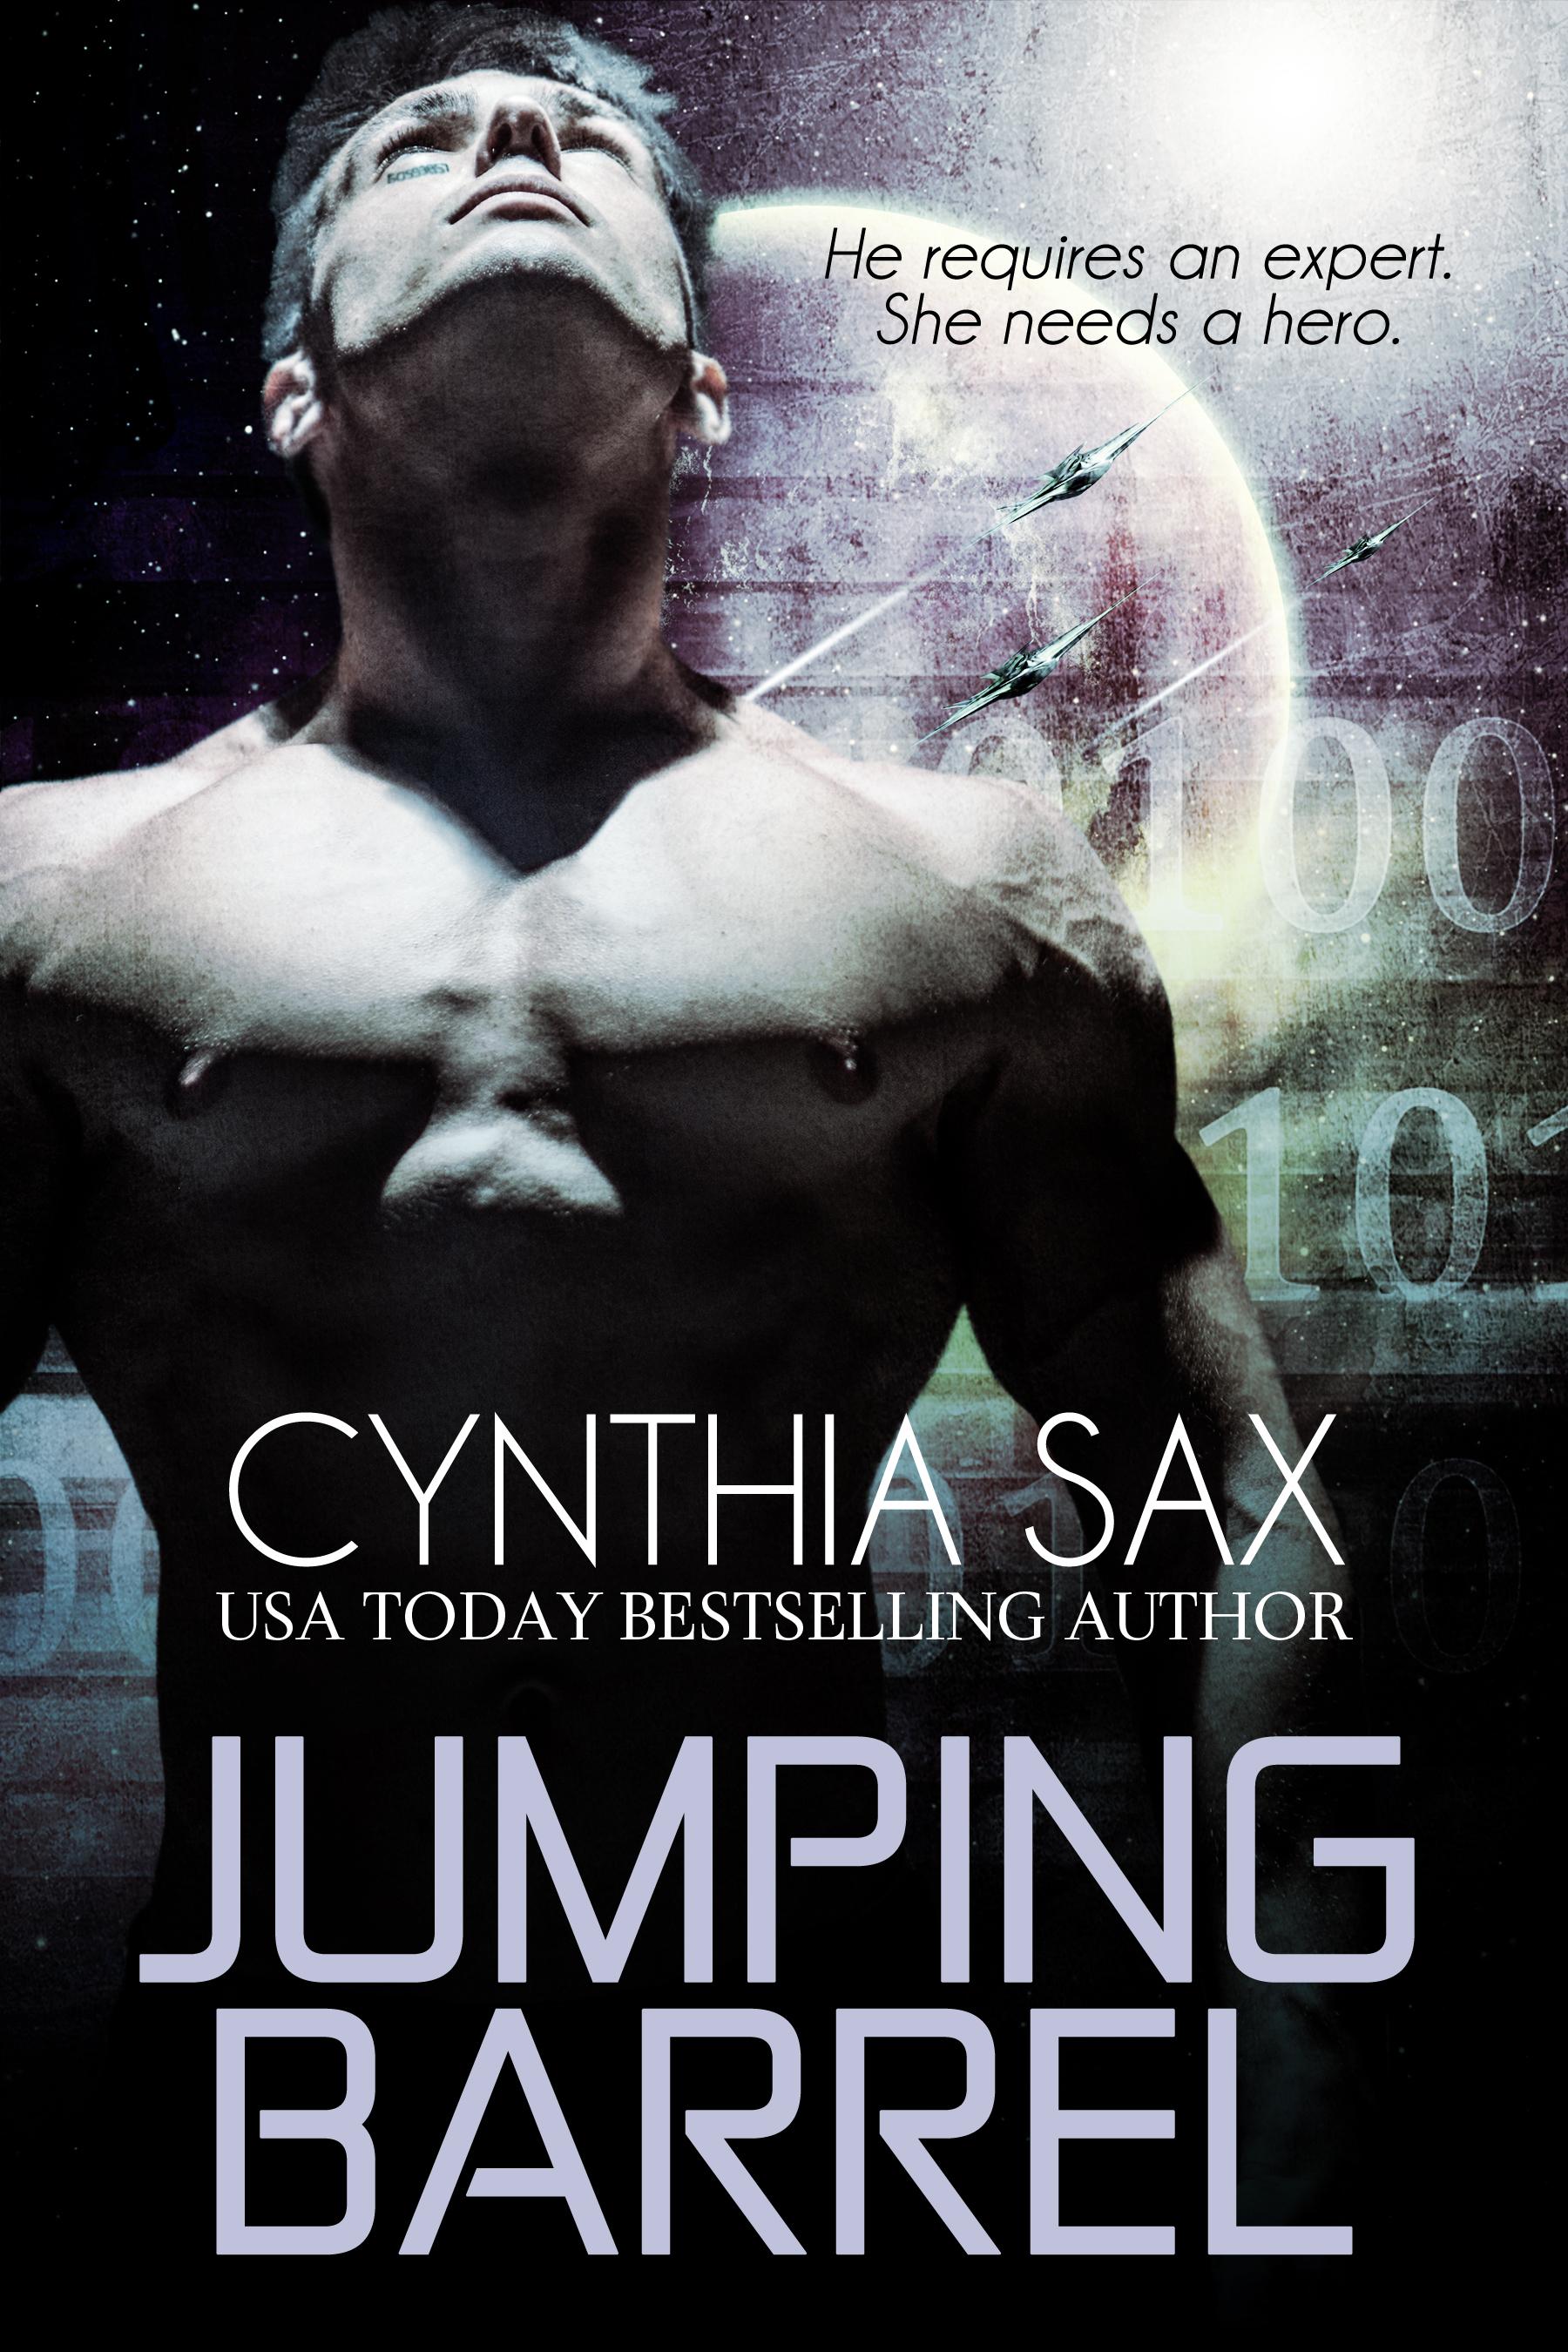 Cynthia Sax – Cyborg Sizzle